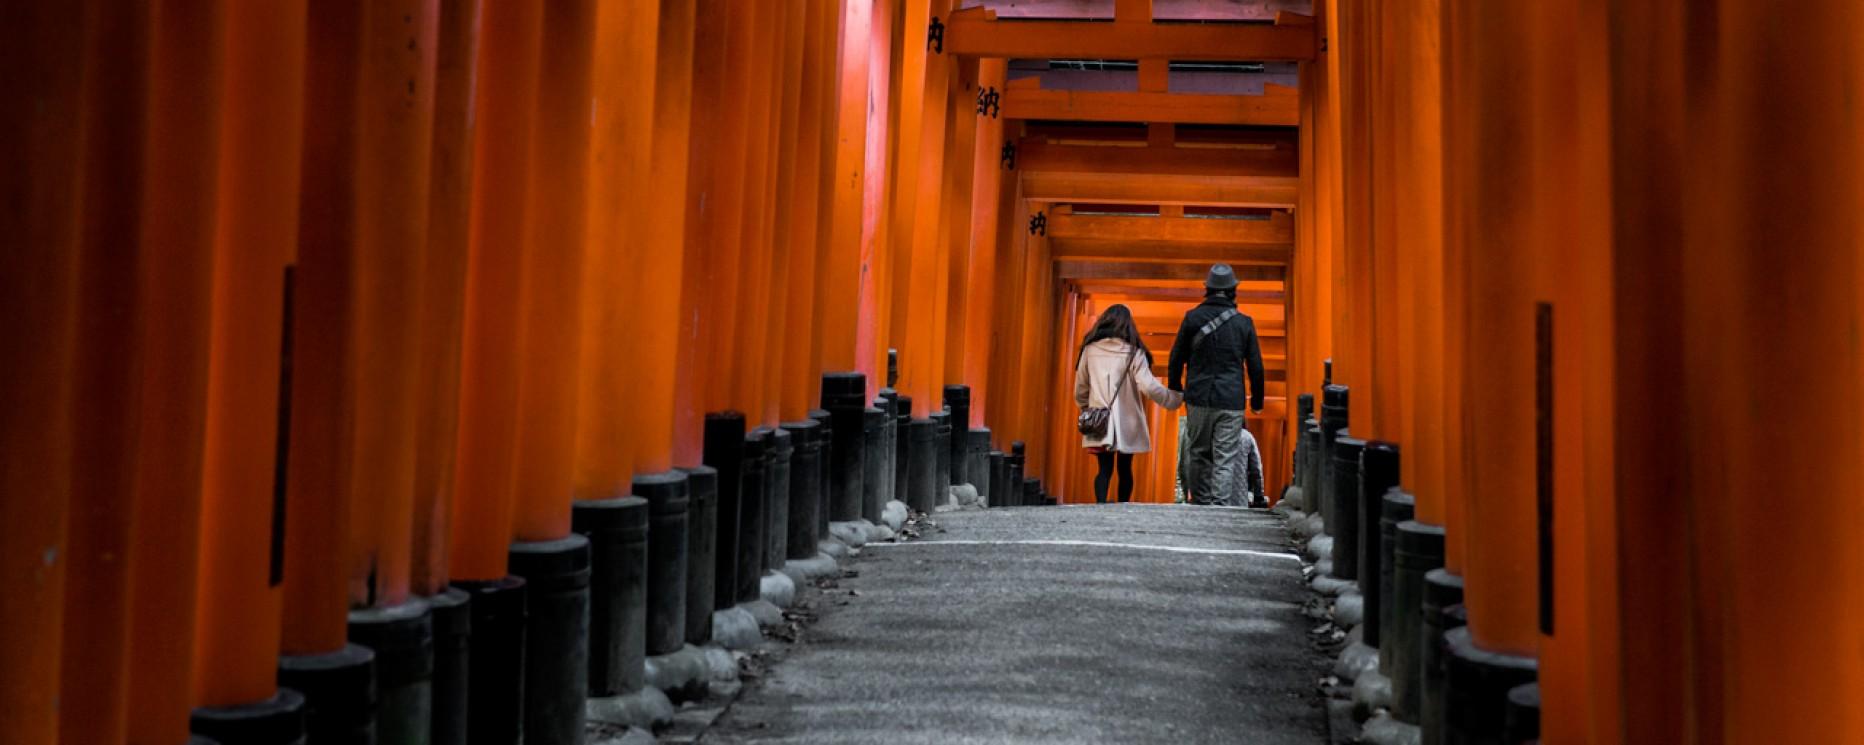 JAPON – Les mille et un temple de Kyoto